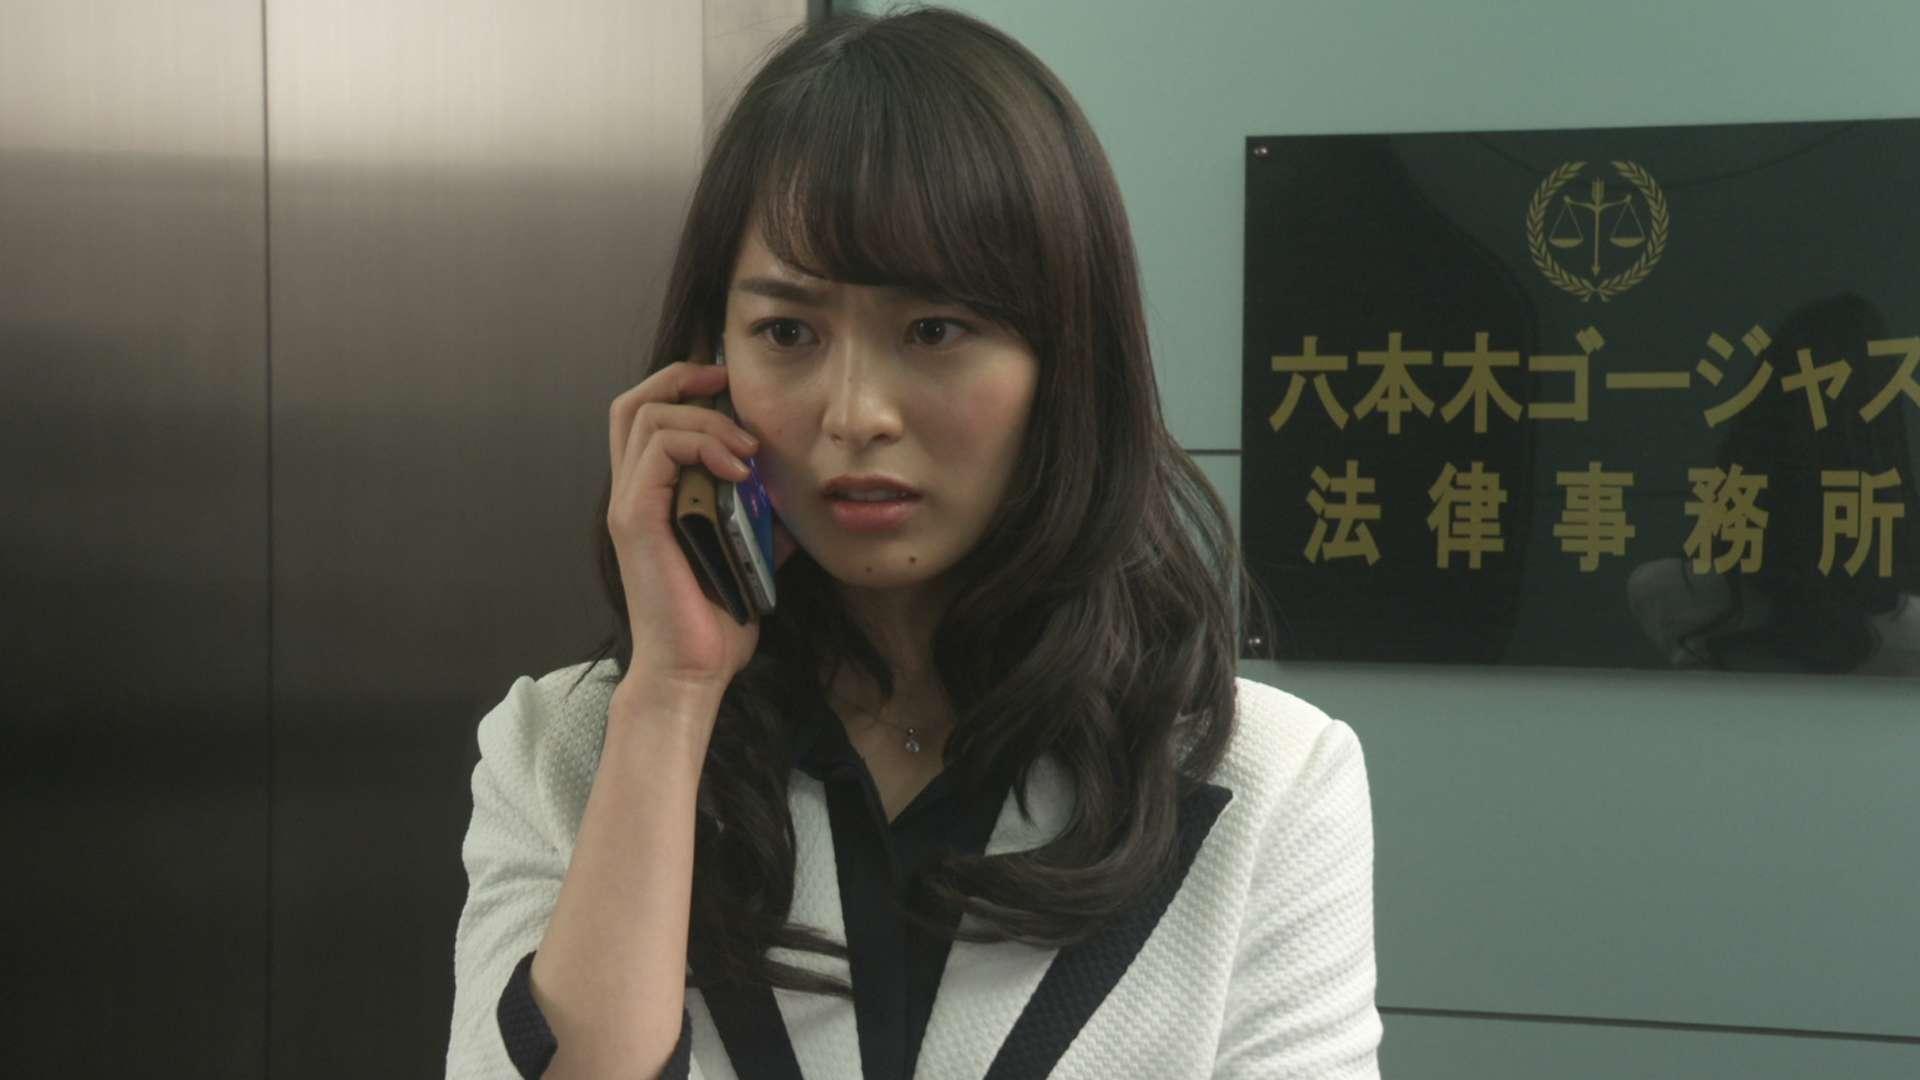 歌舞伎町弁護人 凛花